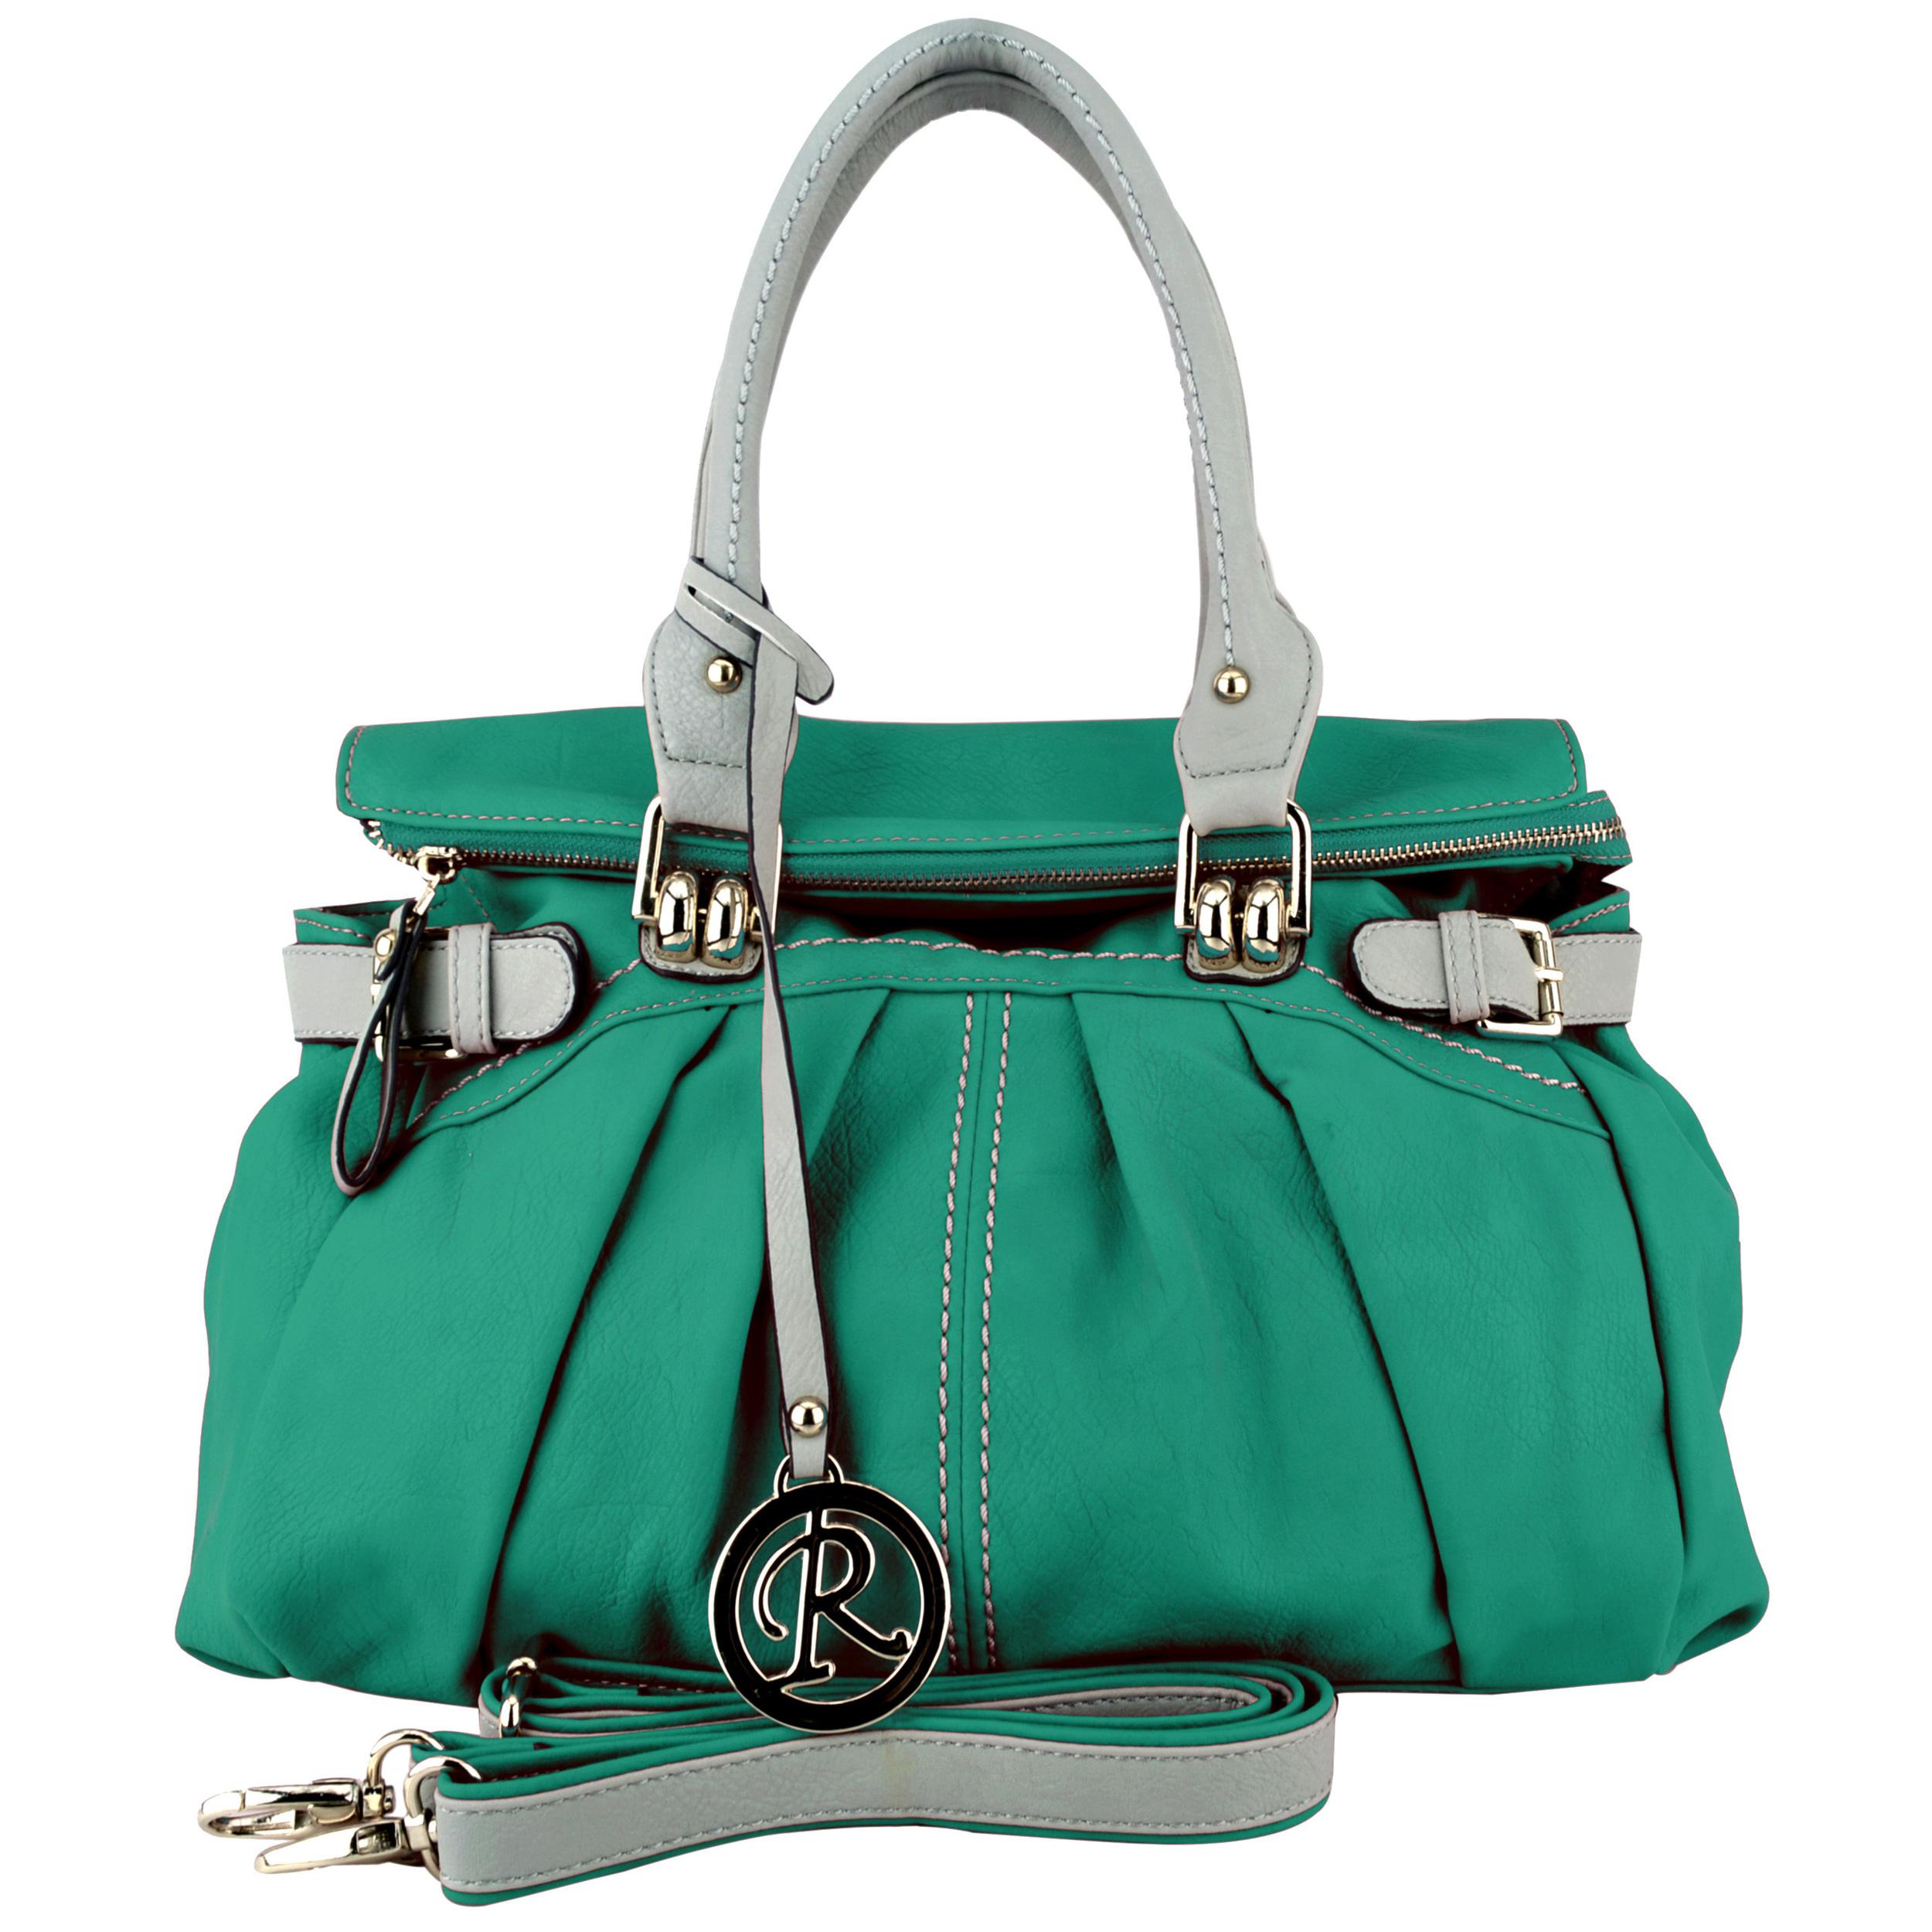 GABBY Teal Shopper Hobo Handbag Front